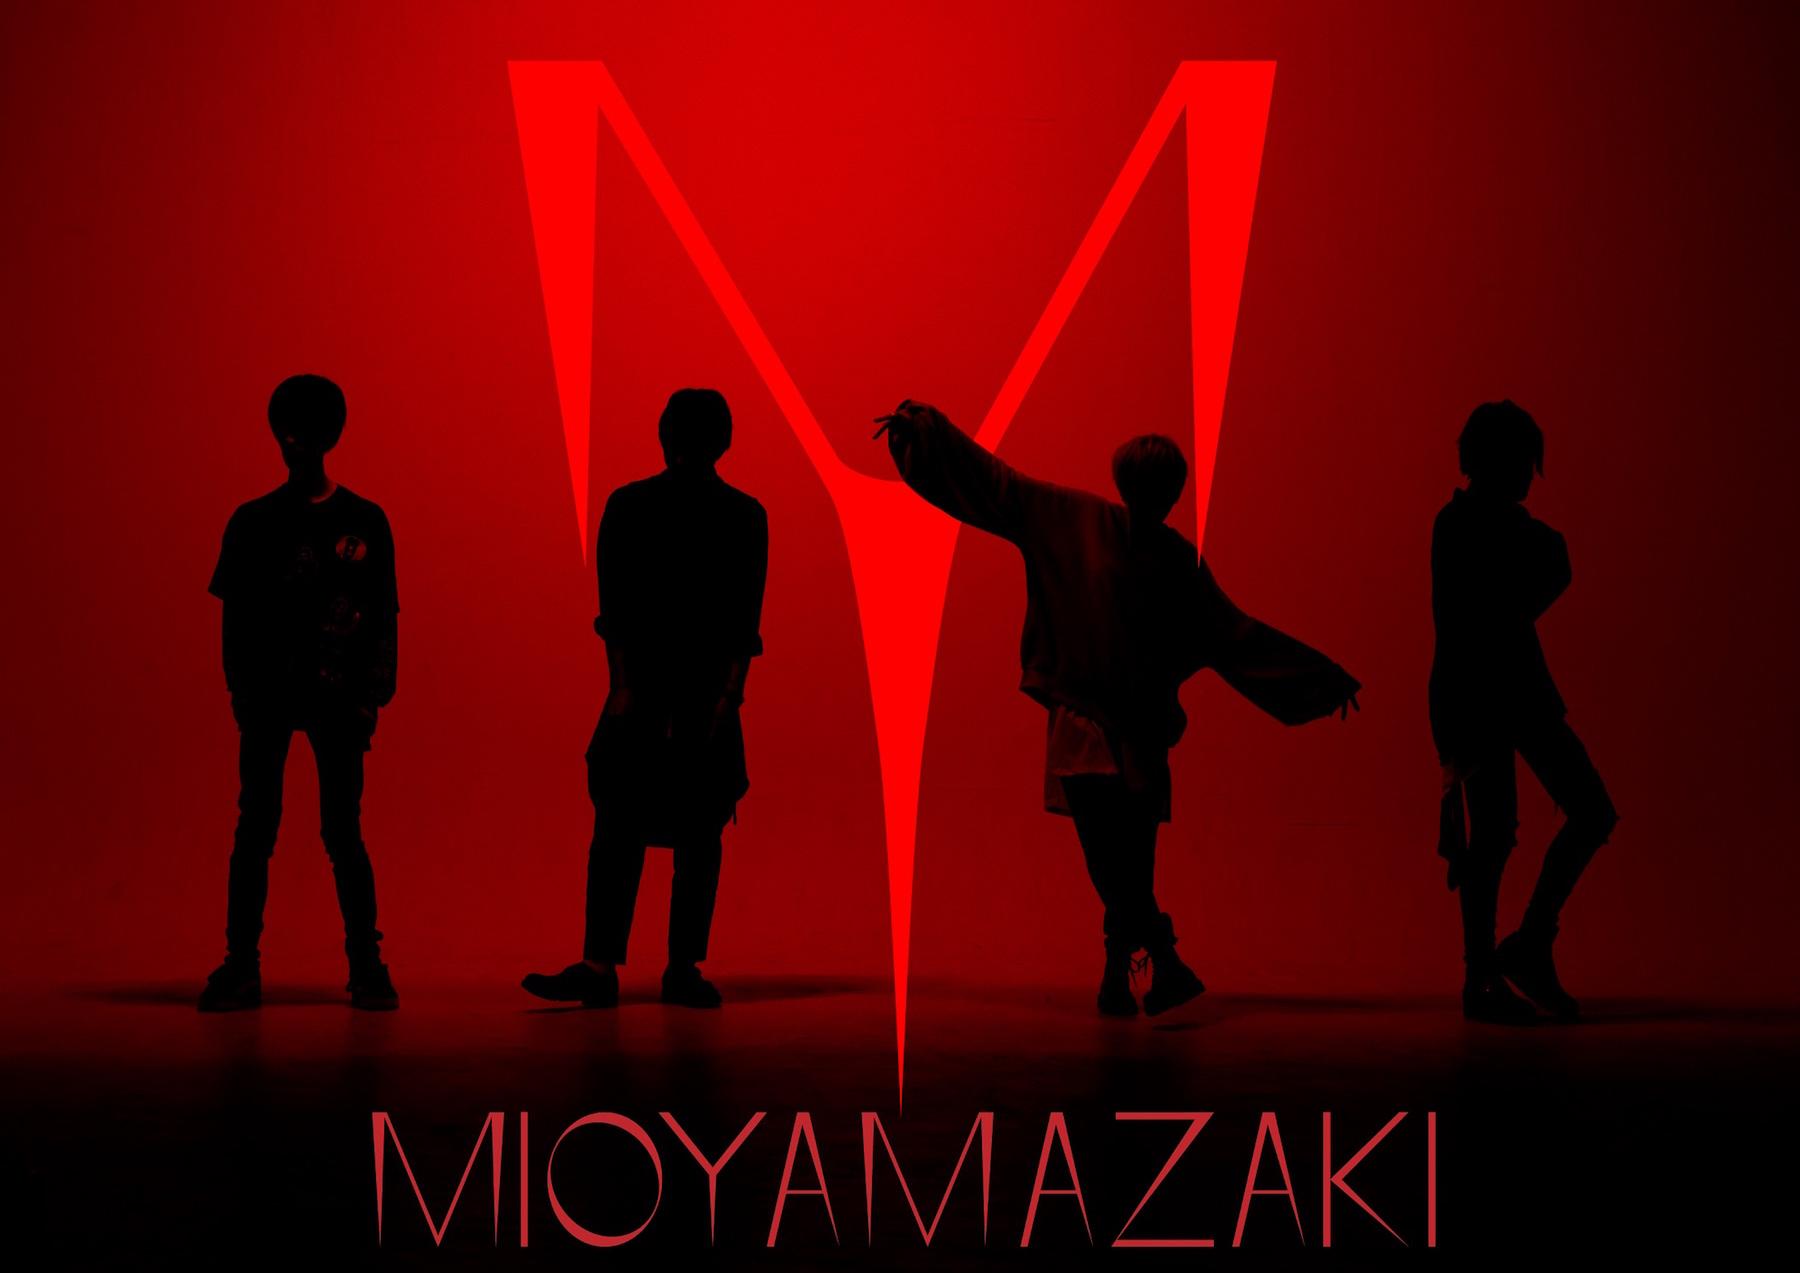 ミオヤマザキ、即完のツアーファイナル・プレミアムライブをニコ生で生中継決定